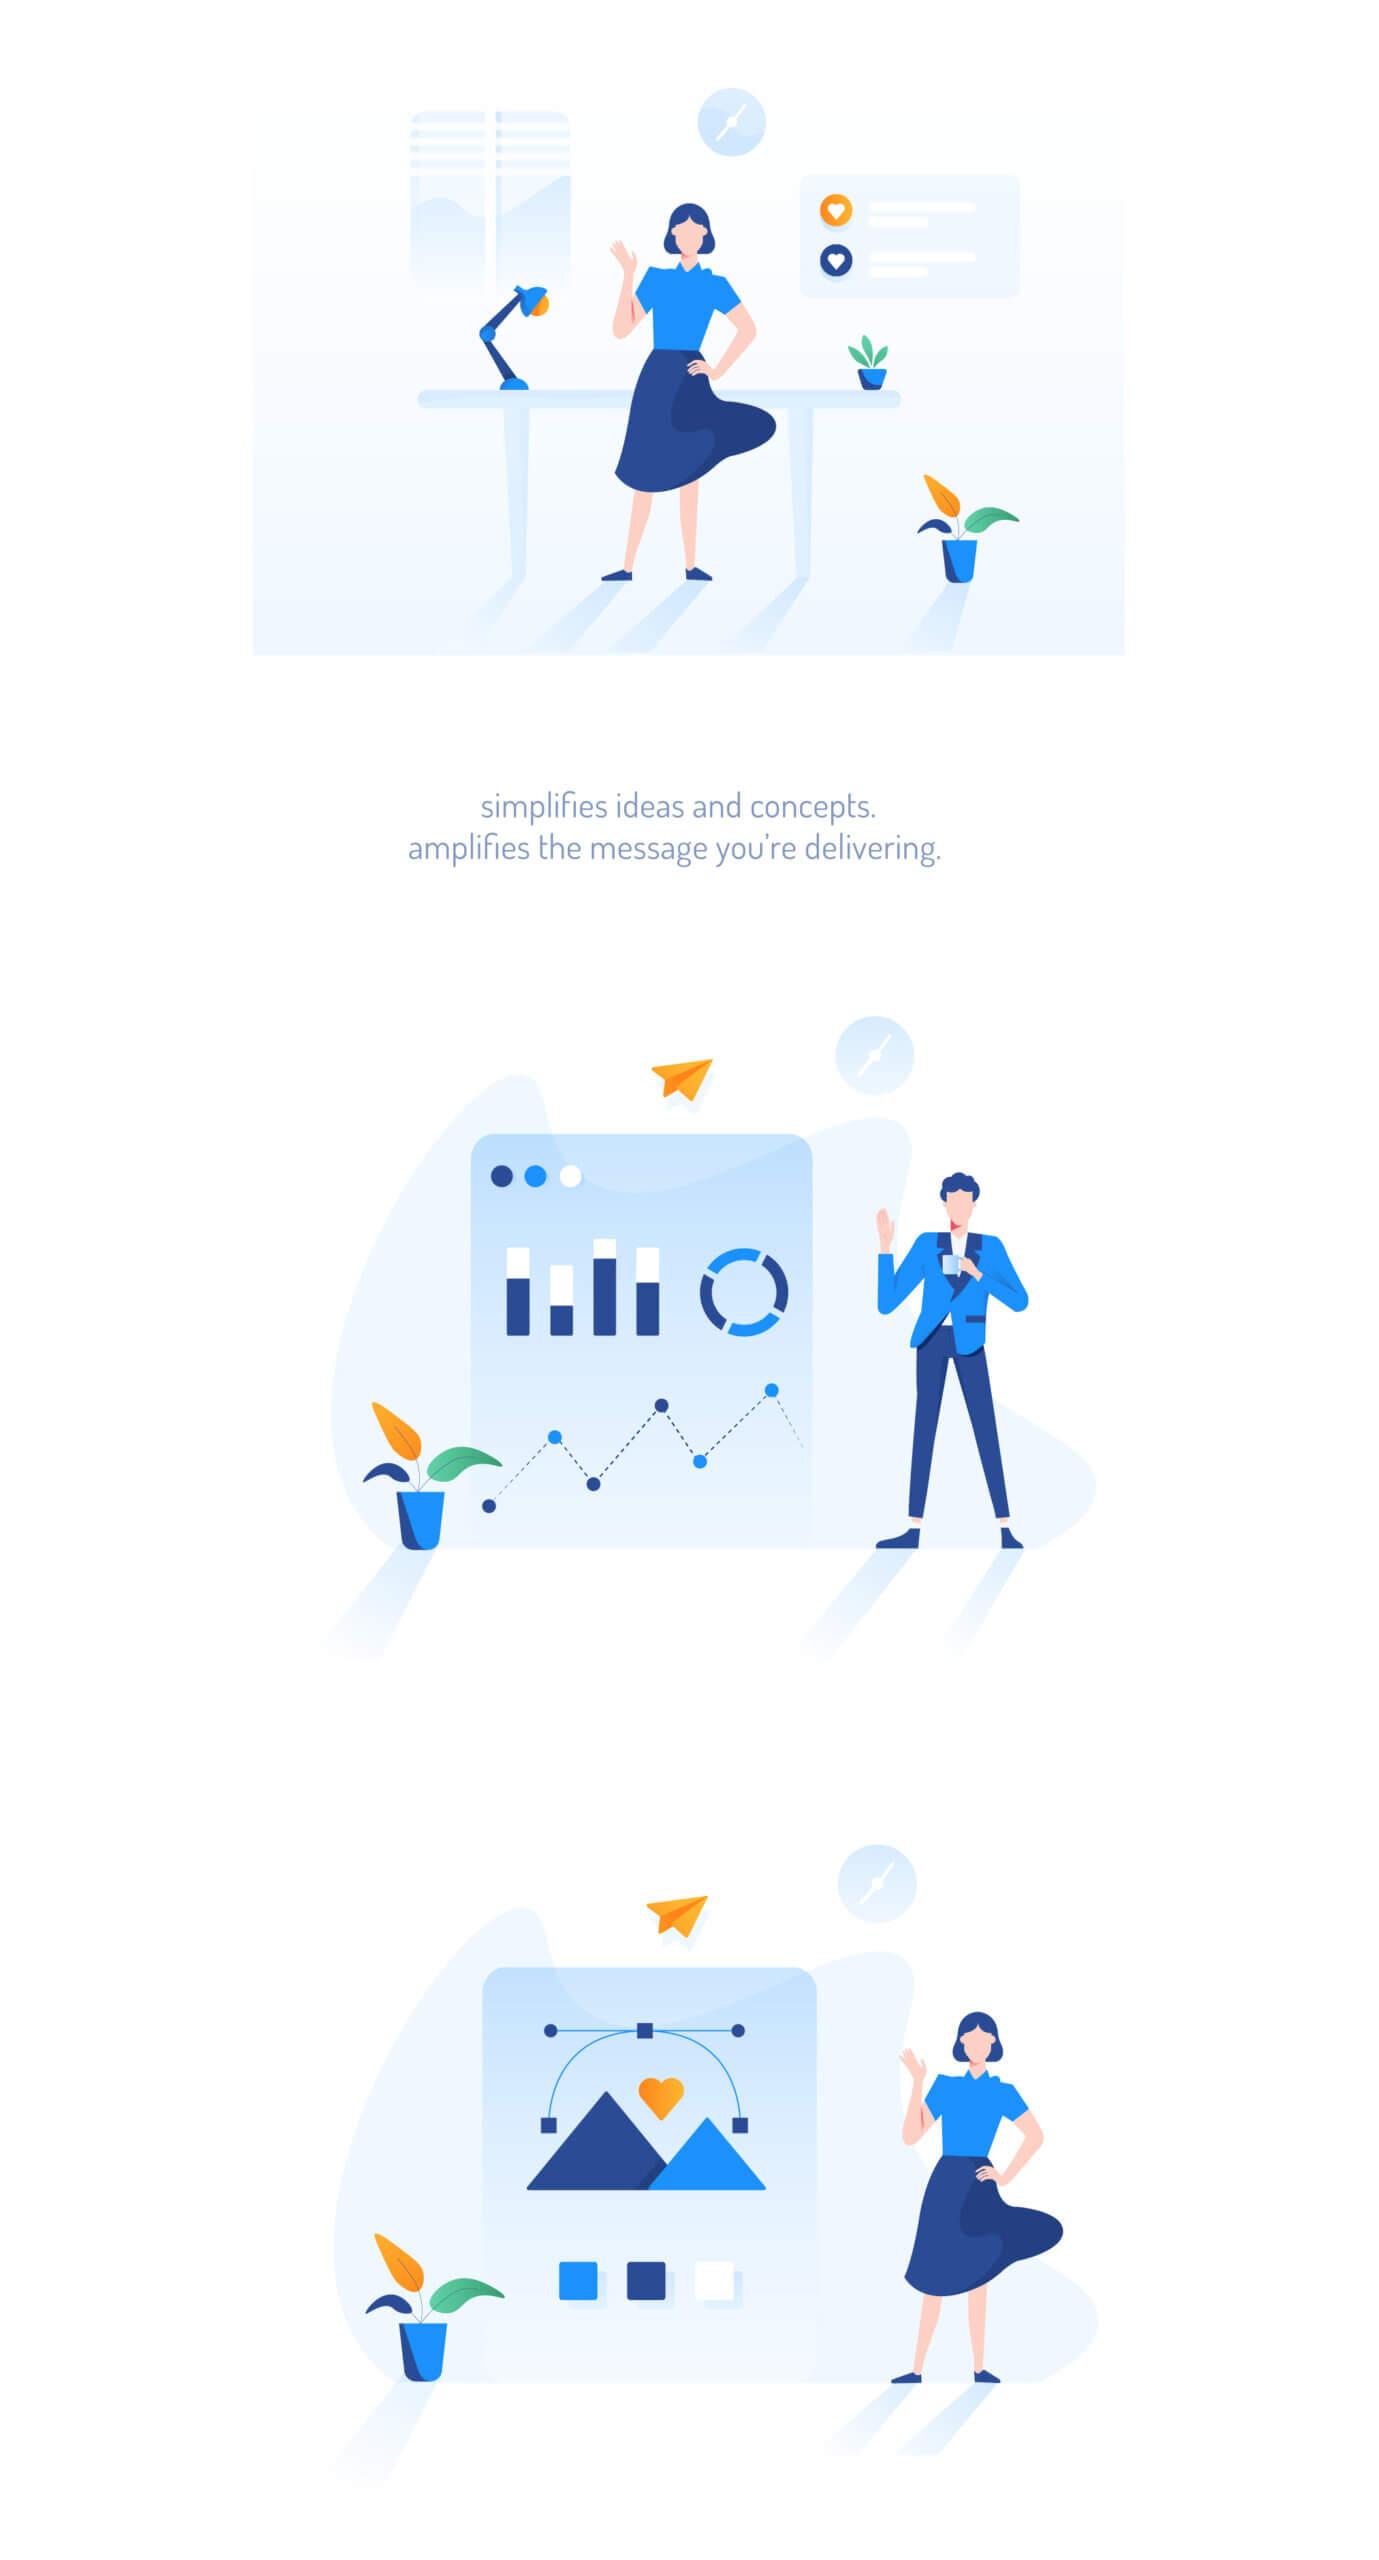 现代企业办公场景插画/移动界面素材下载Illustration Pack插图(14)